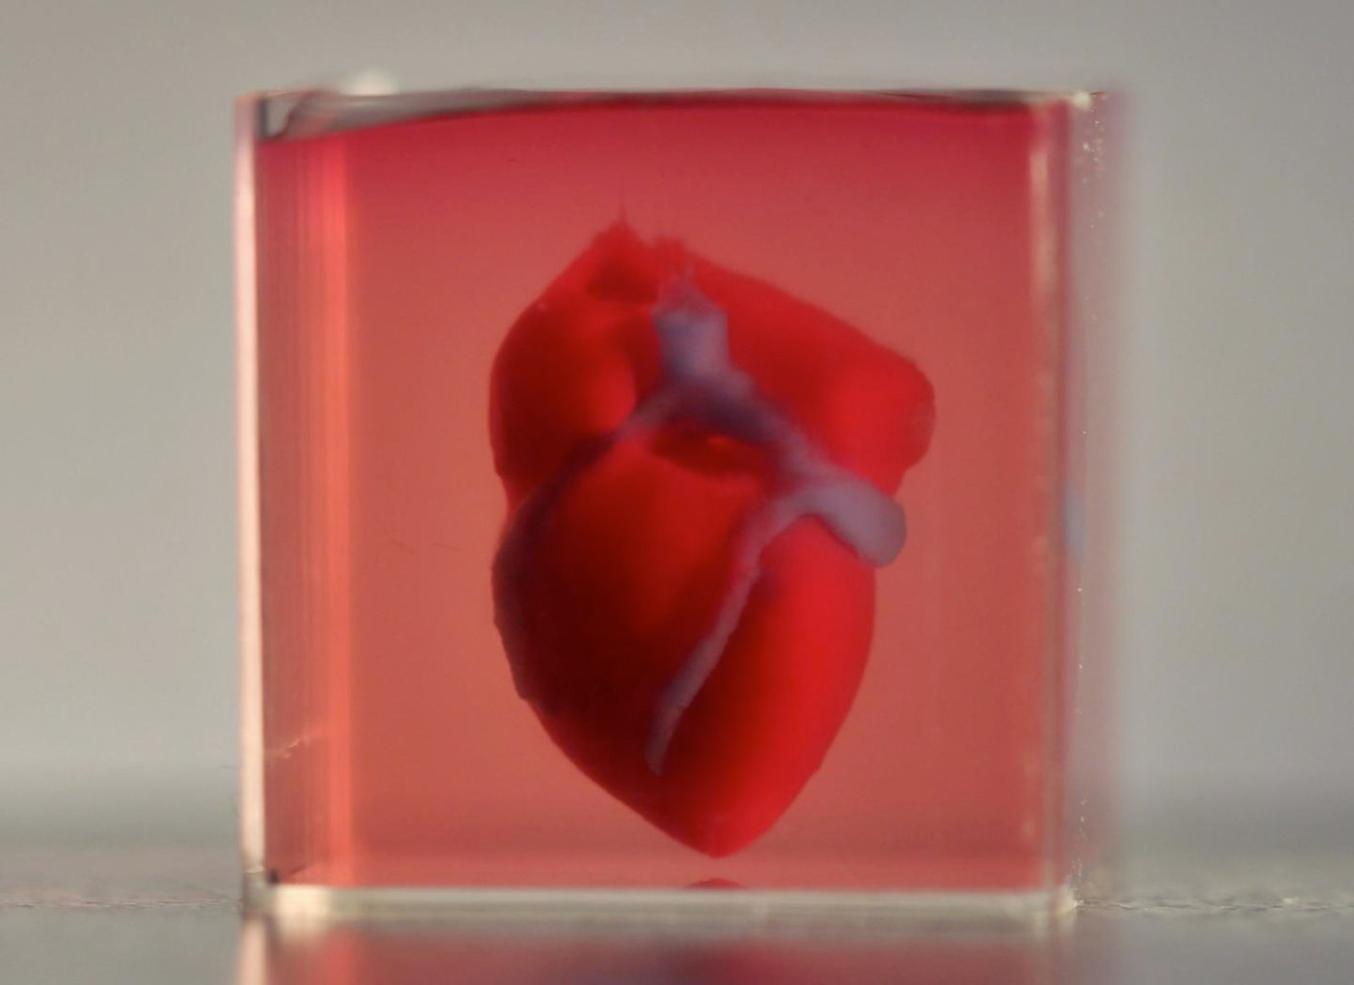 El primer corazón bioimpreso en 3D, creado en la Universidad de Tel Aviv.